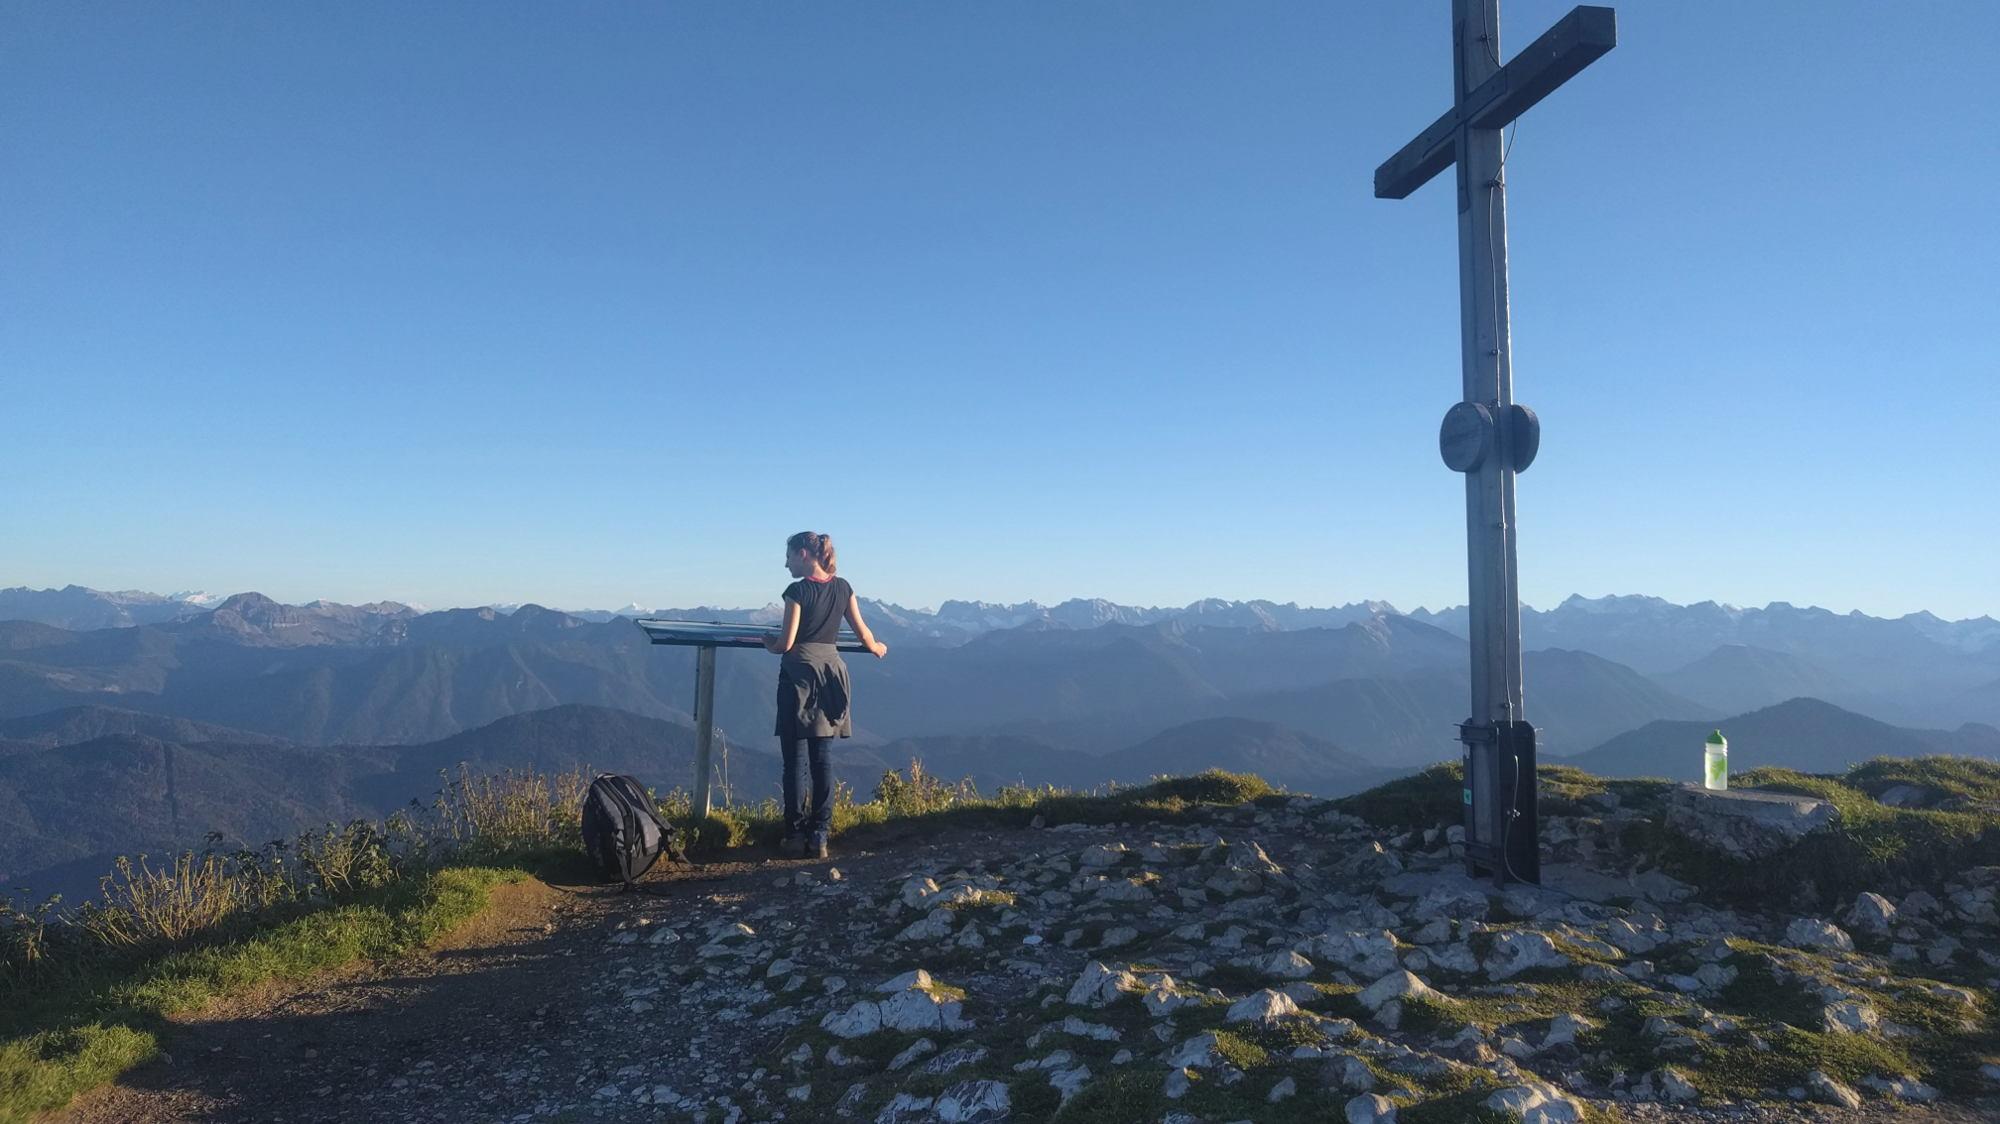 Klettersteig Walchensee : Wandern und klettersteige in oberbayern